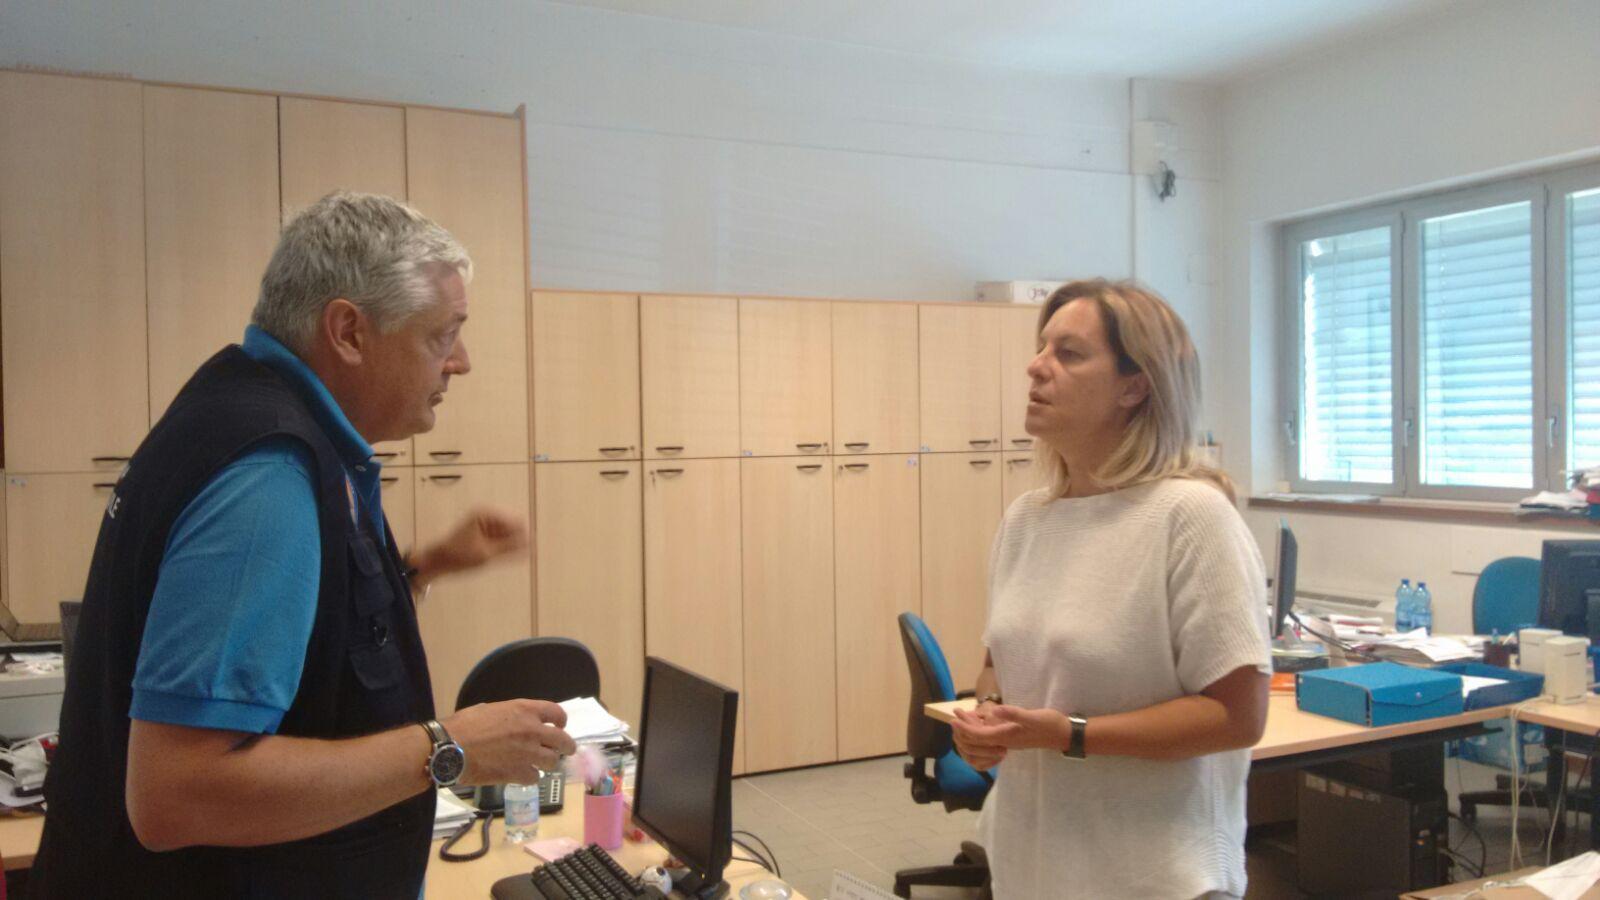 L'assessore Fratoni è arrivata alla sala operativa della Protezione civile